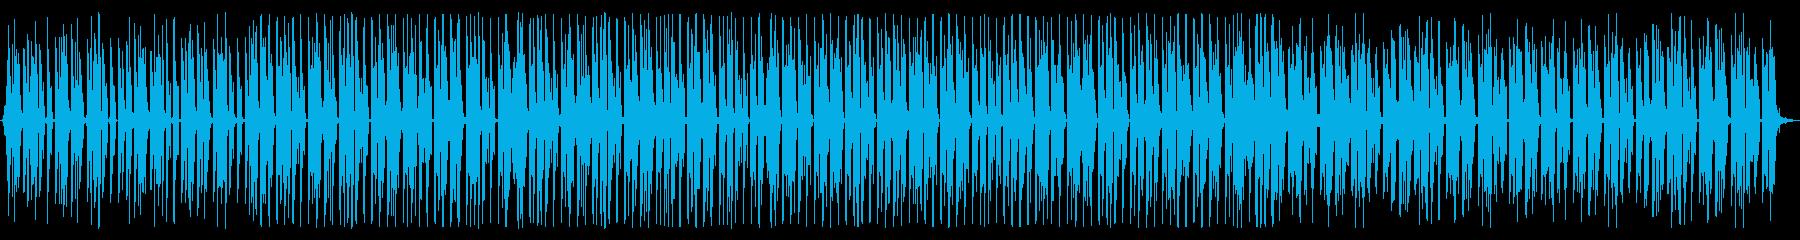 空間的でメタリックなテクノの再生済みの波形